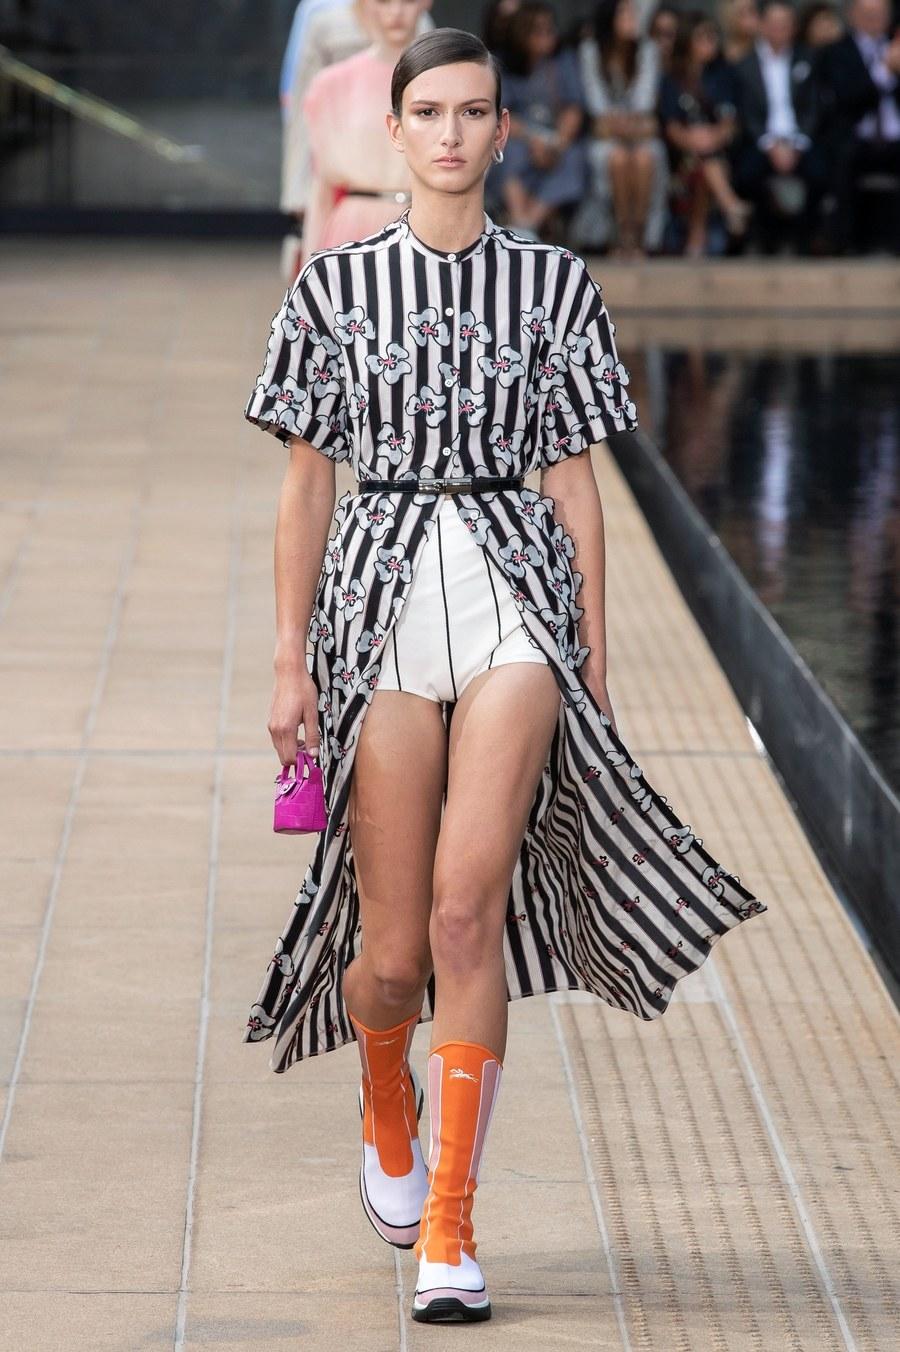 عرض أزياء Longchamp  بأسبوع الموضة بنيويورك (11)